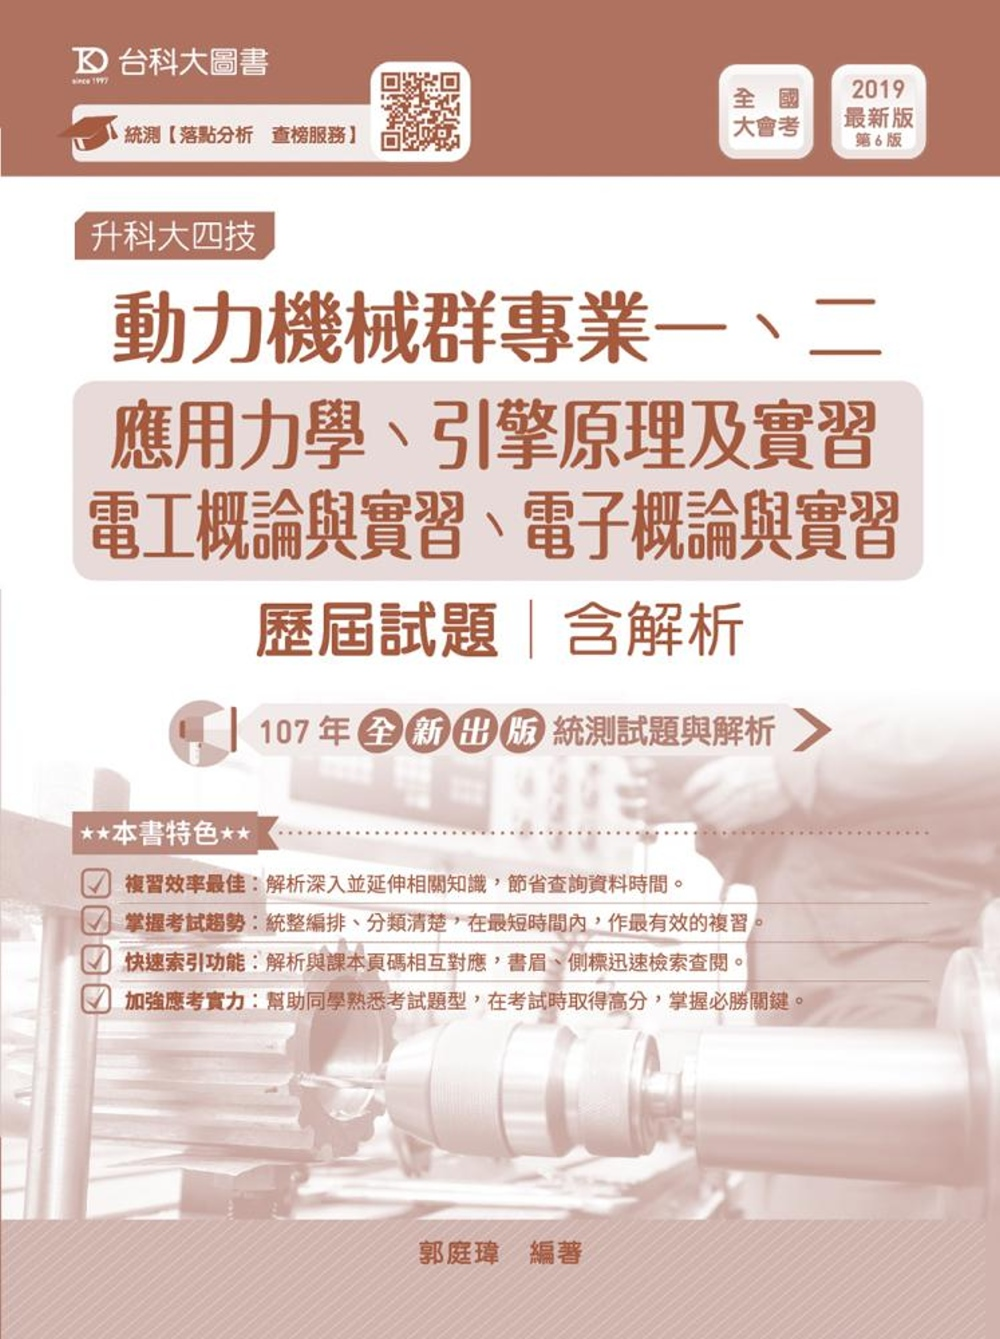 升科大四技動力機械群歷屆試題(專一應用力學、引擎原理及實習、專二電工概論與實習、電子概論與實習)含解析 2019年最新版(第六版)